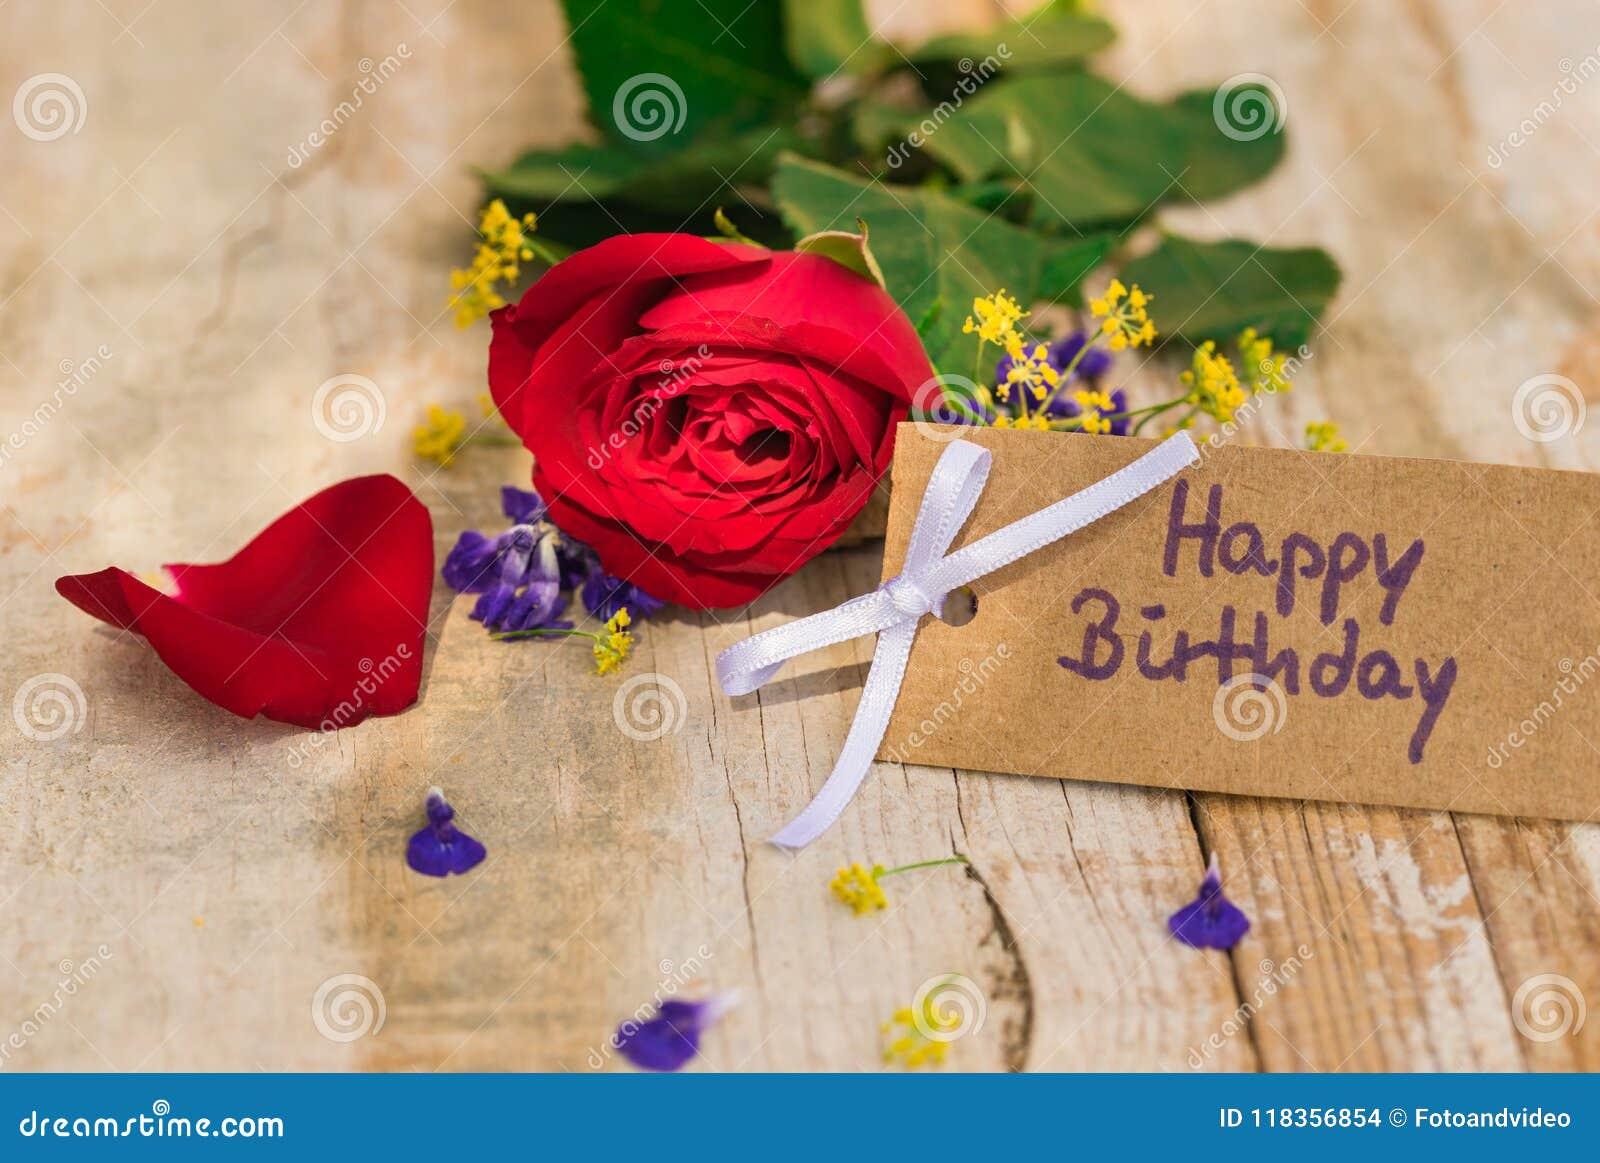 Carte De Voeux De Joyeux Anniversaire Avec La Fleur De Rose De Rouge